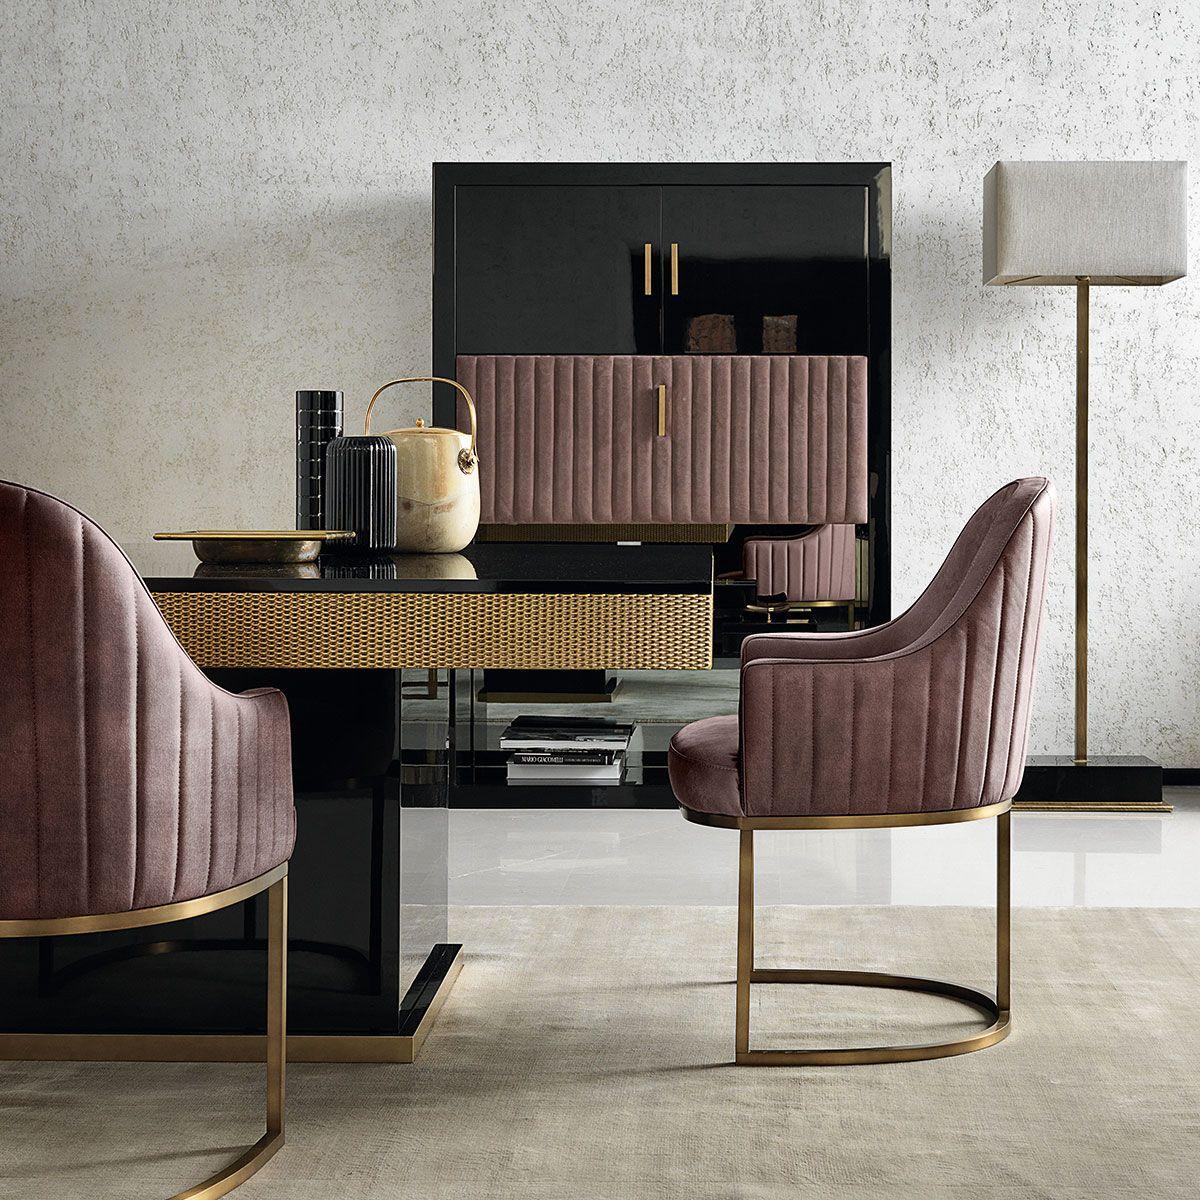 Daytona arredamento contemporaneo moderno di lusso arredo e mobili in stile art d co per la - Mobili stile contemporaneo moderno ...